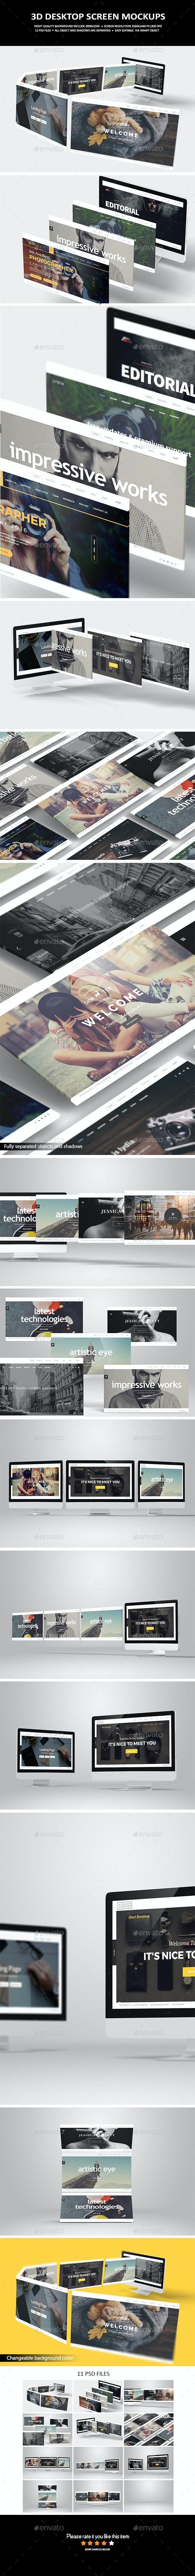 3D Desktop Screen Mock-Up - Product Mock-Ups Graphics